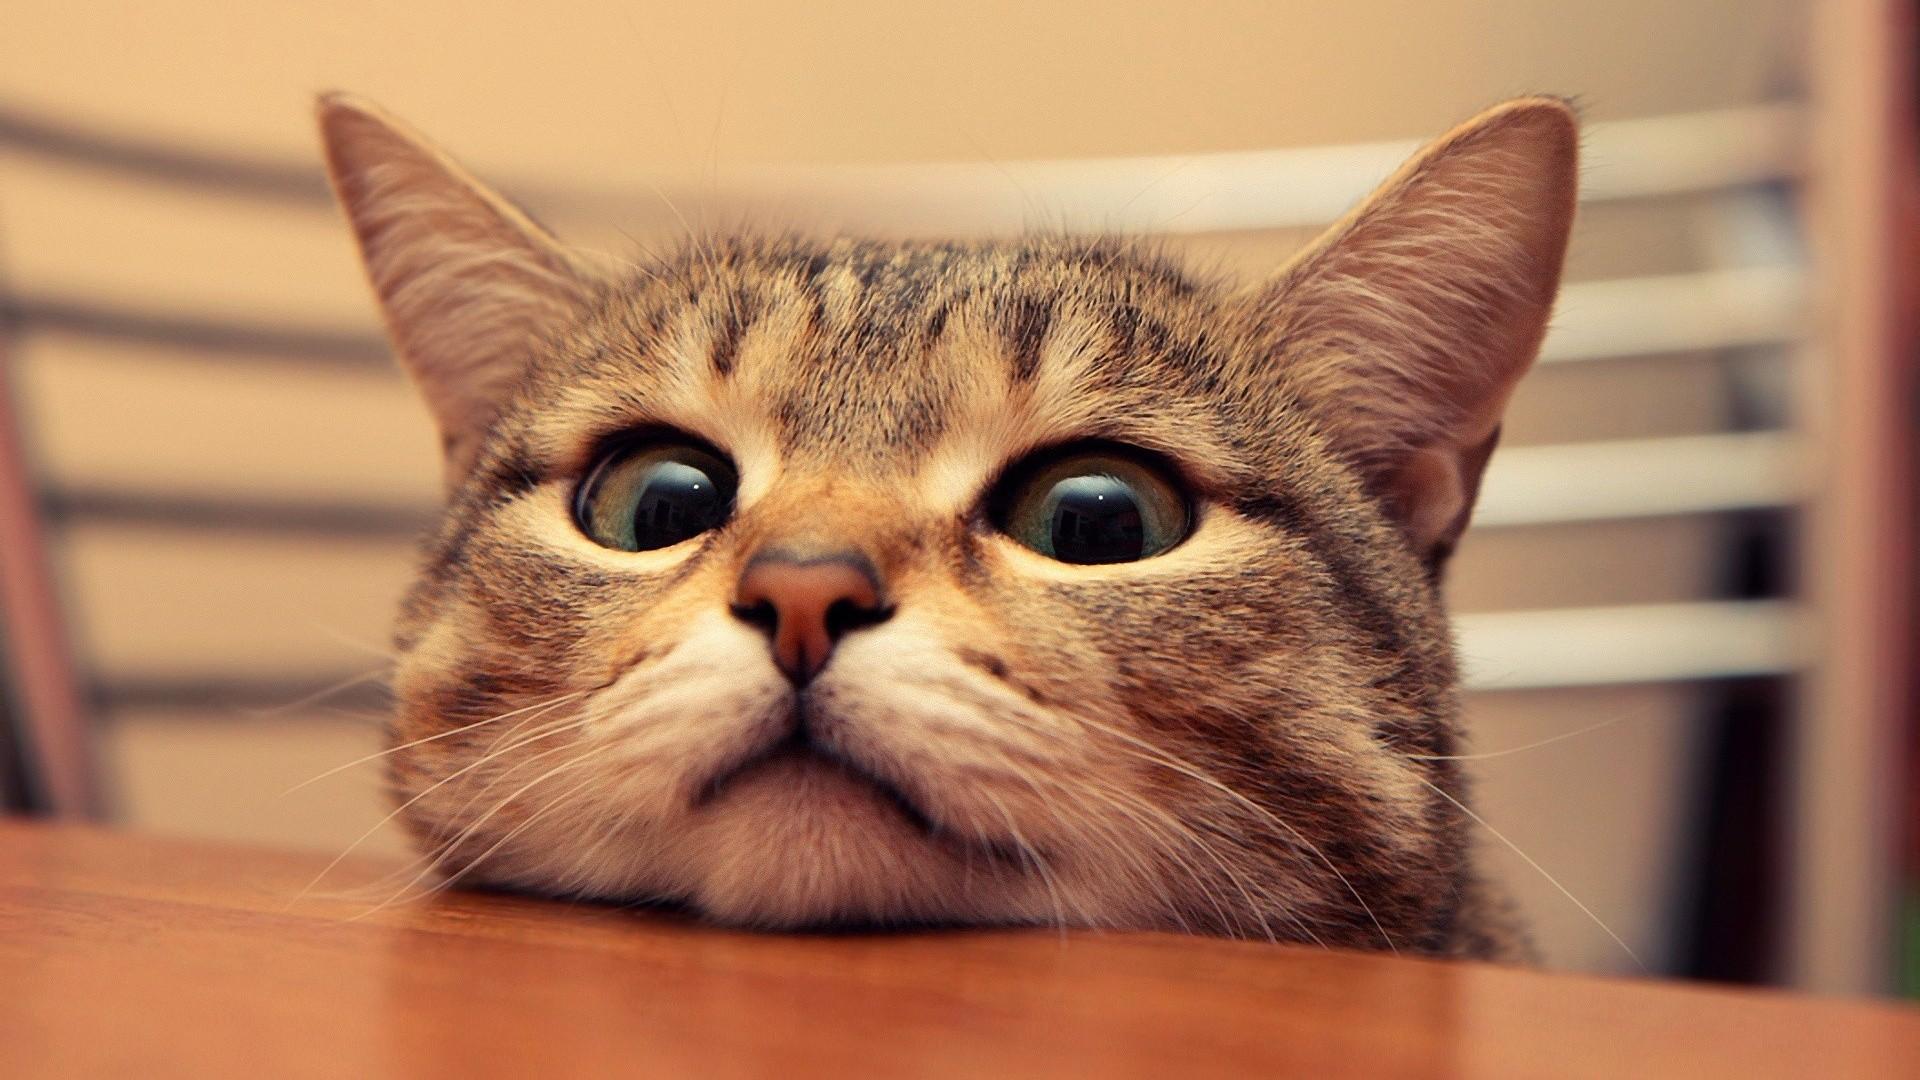 Ảnh nền chú mèo dễ thương